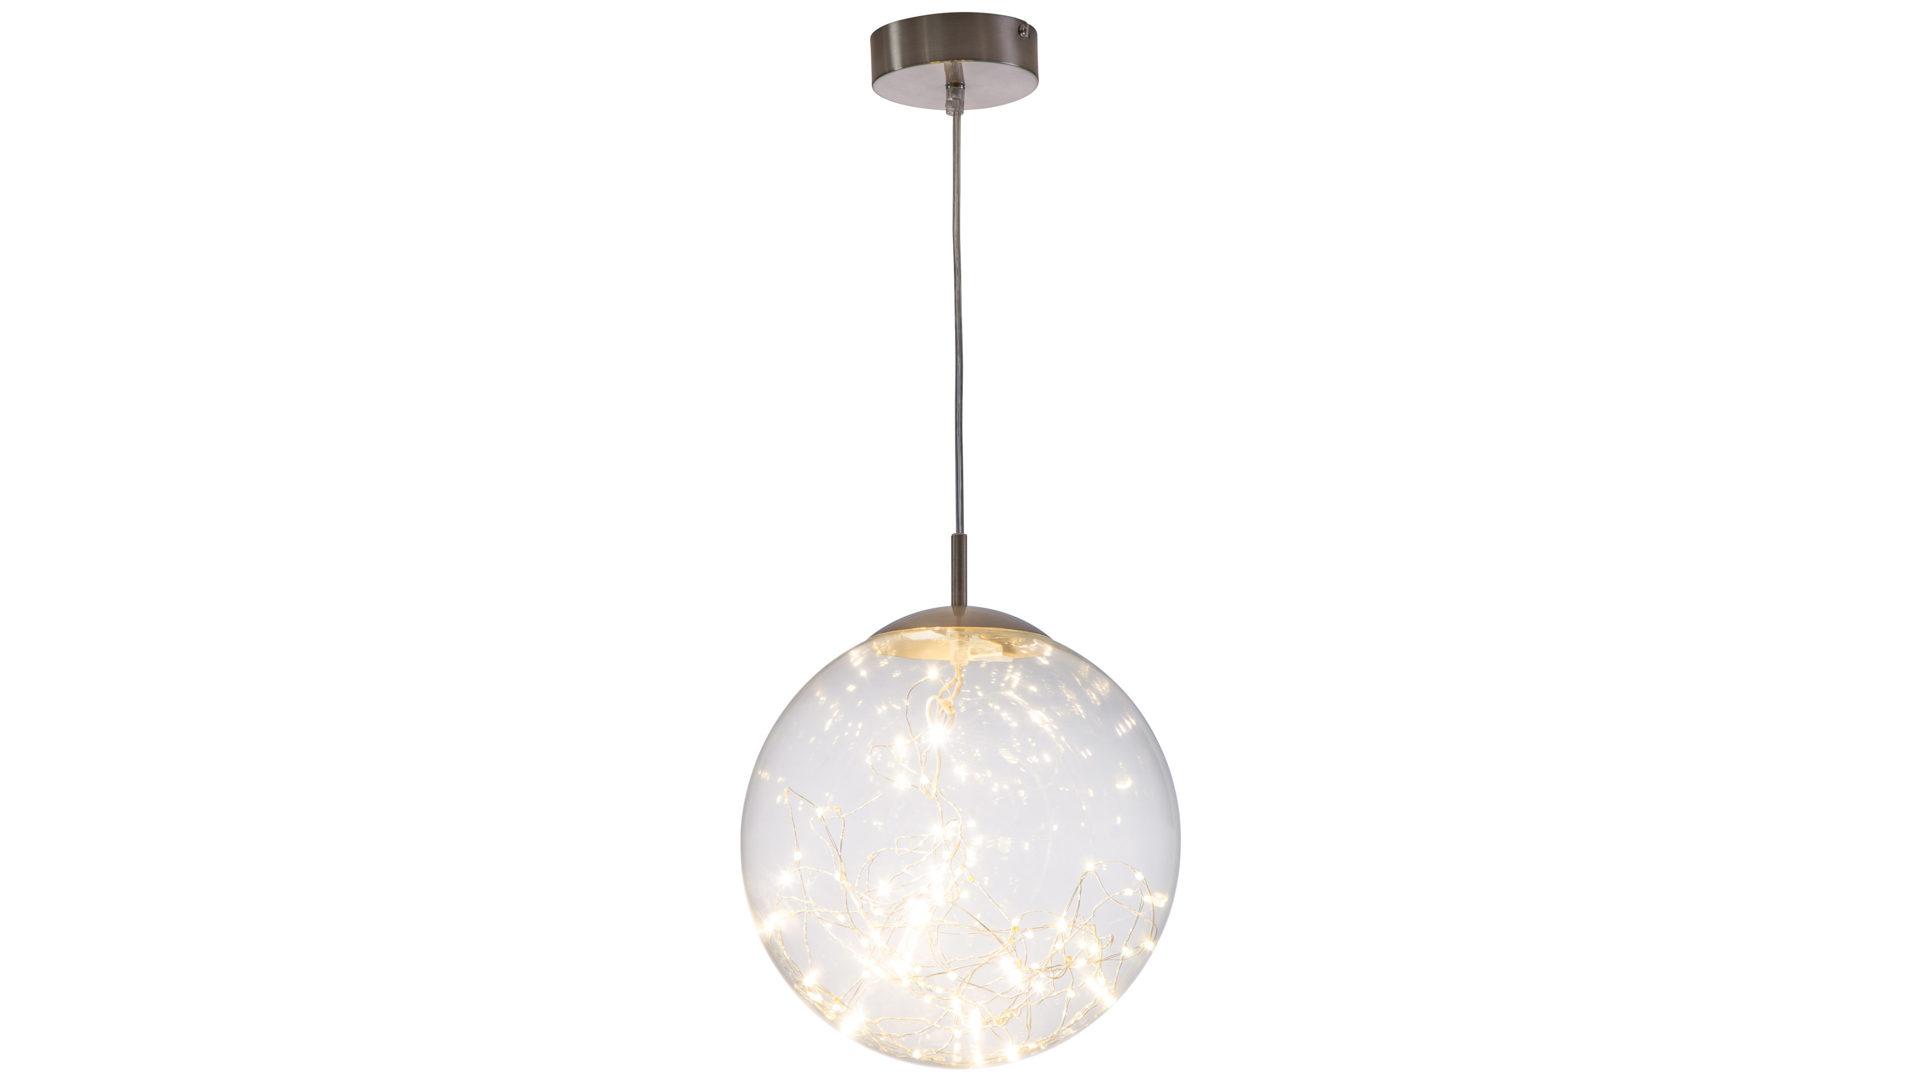 ... Möbel A Z, Lampen + Leuchten, Pendelleuchten + Kronleuchter,  LED Pendelleuchte, LED Pendelleuchte Lights, Nickel U0026 Klarglas U2013 Durchmesser  Ca. 30 Cm